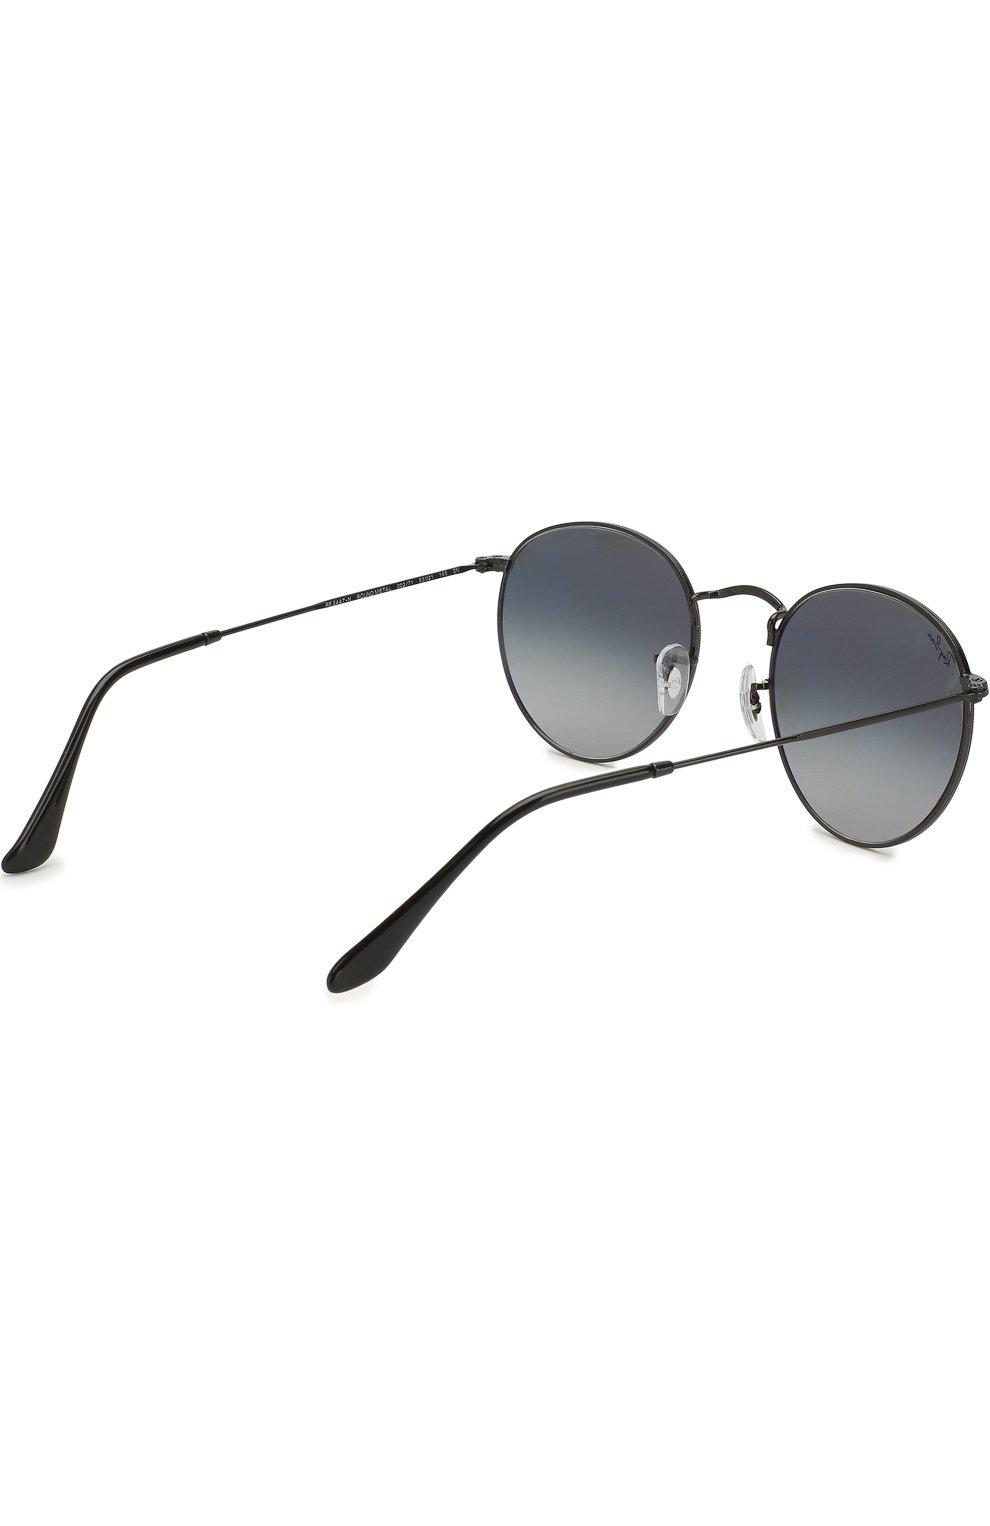 Женские солнцезащитные очки RAY-BAN черного цвета, арт. 3447N-002/71 | Фото 4